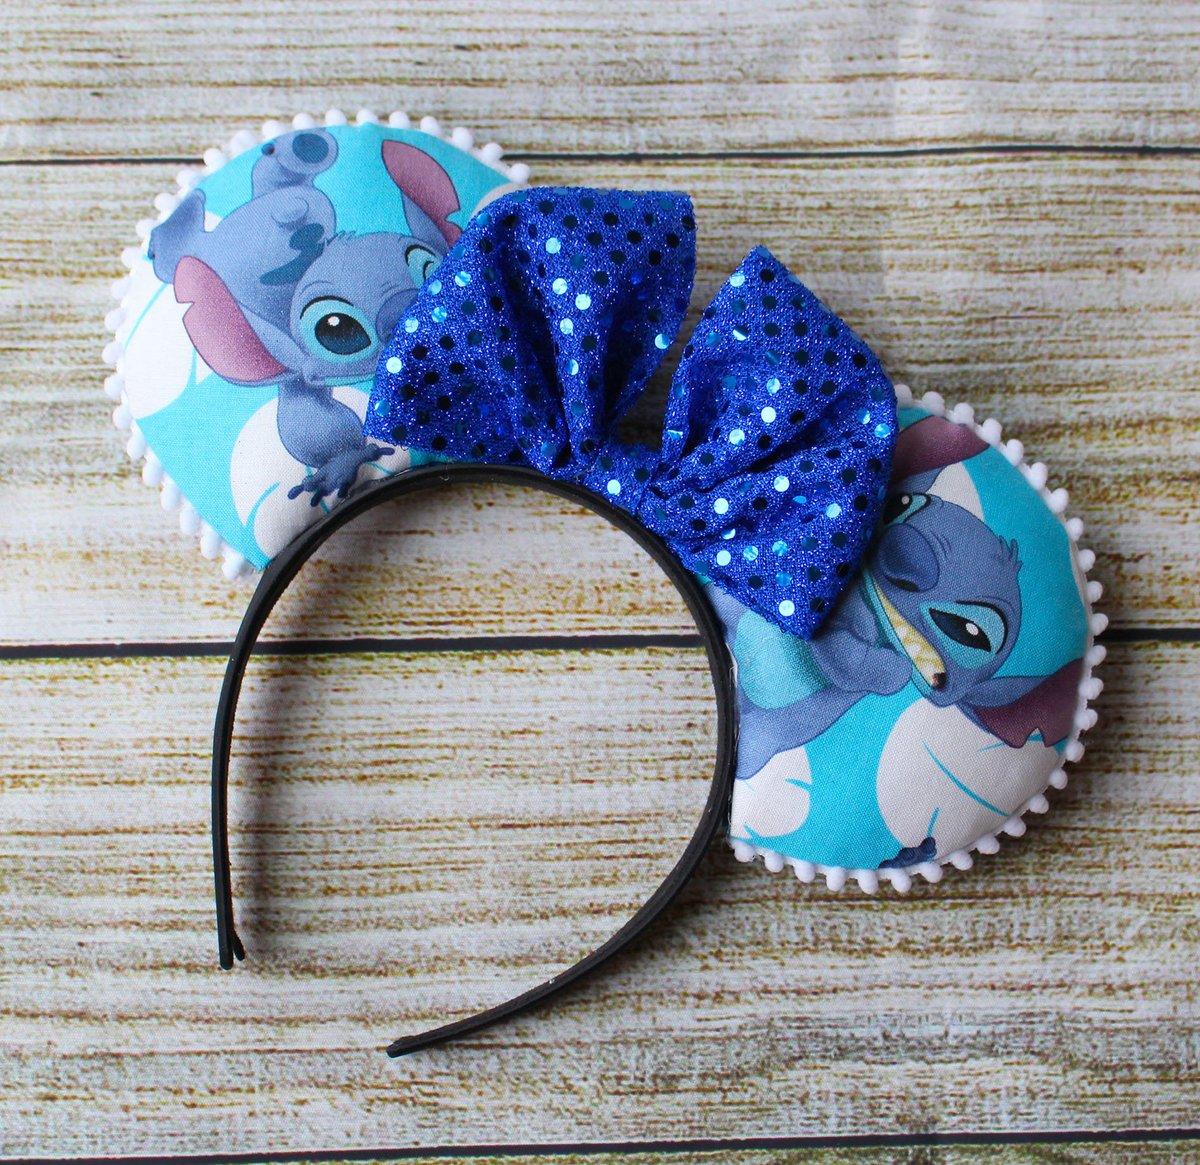 Stitch Ears,Stitch Minnie Ears,Mickey Stitch headband,Minnie Mouse Ears,Mickey Ears,Custom Ears,Stitch Headband,Stitch Headband  #disneyears #toystoryforkyears